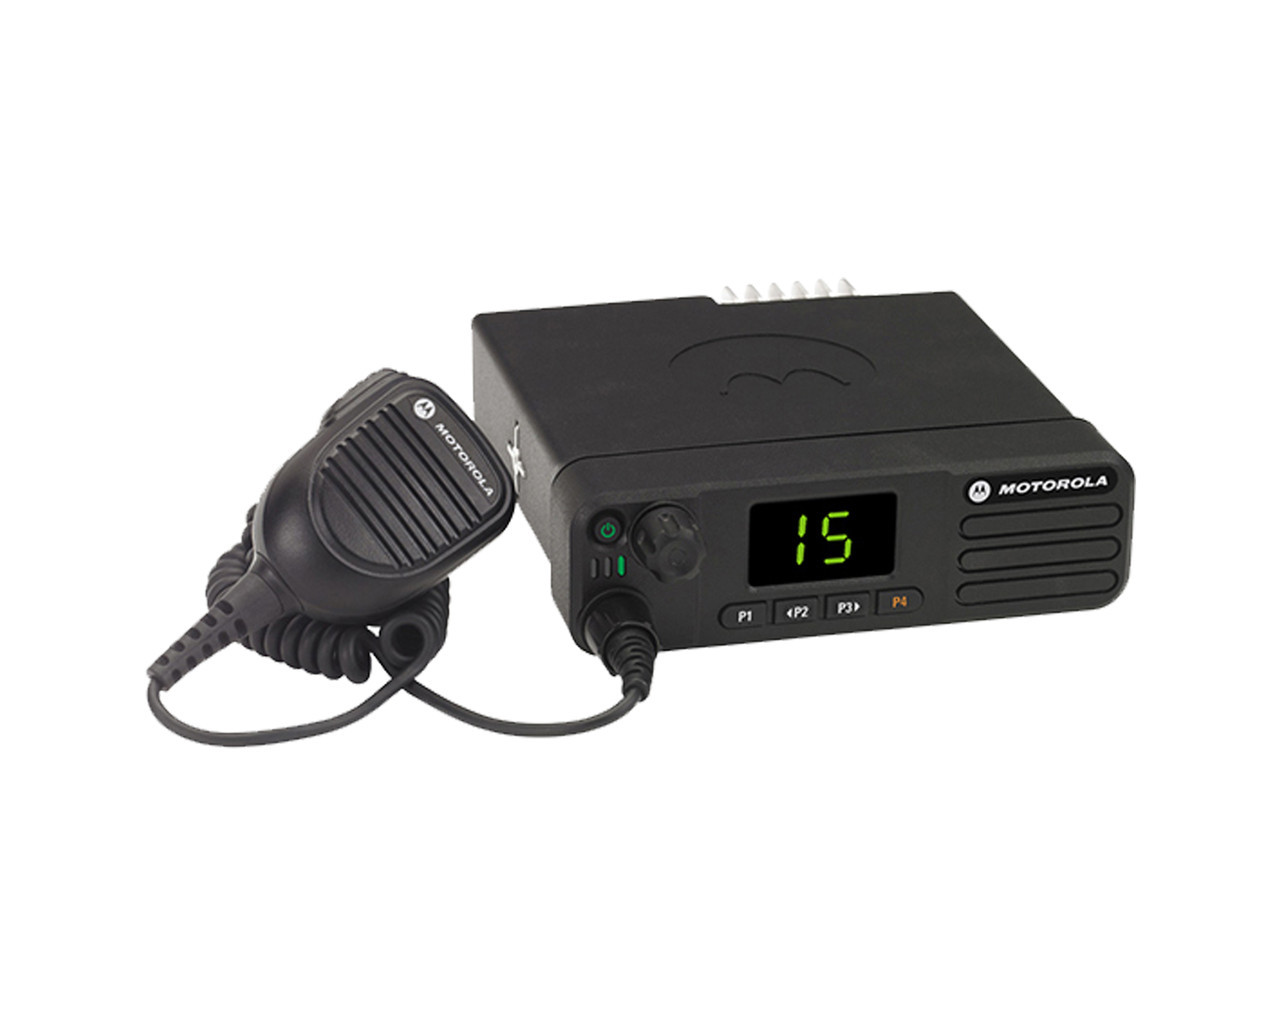 Автомобильная радиостанция Motorola DM1400